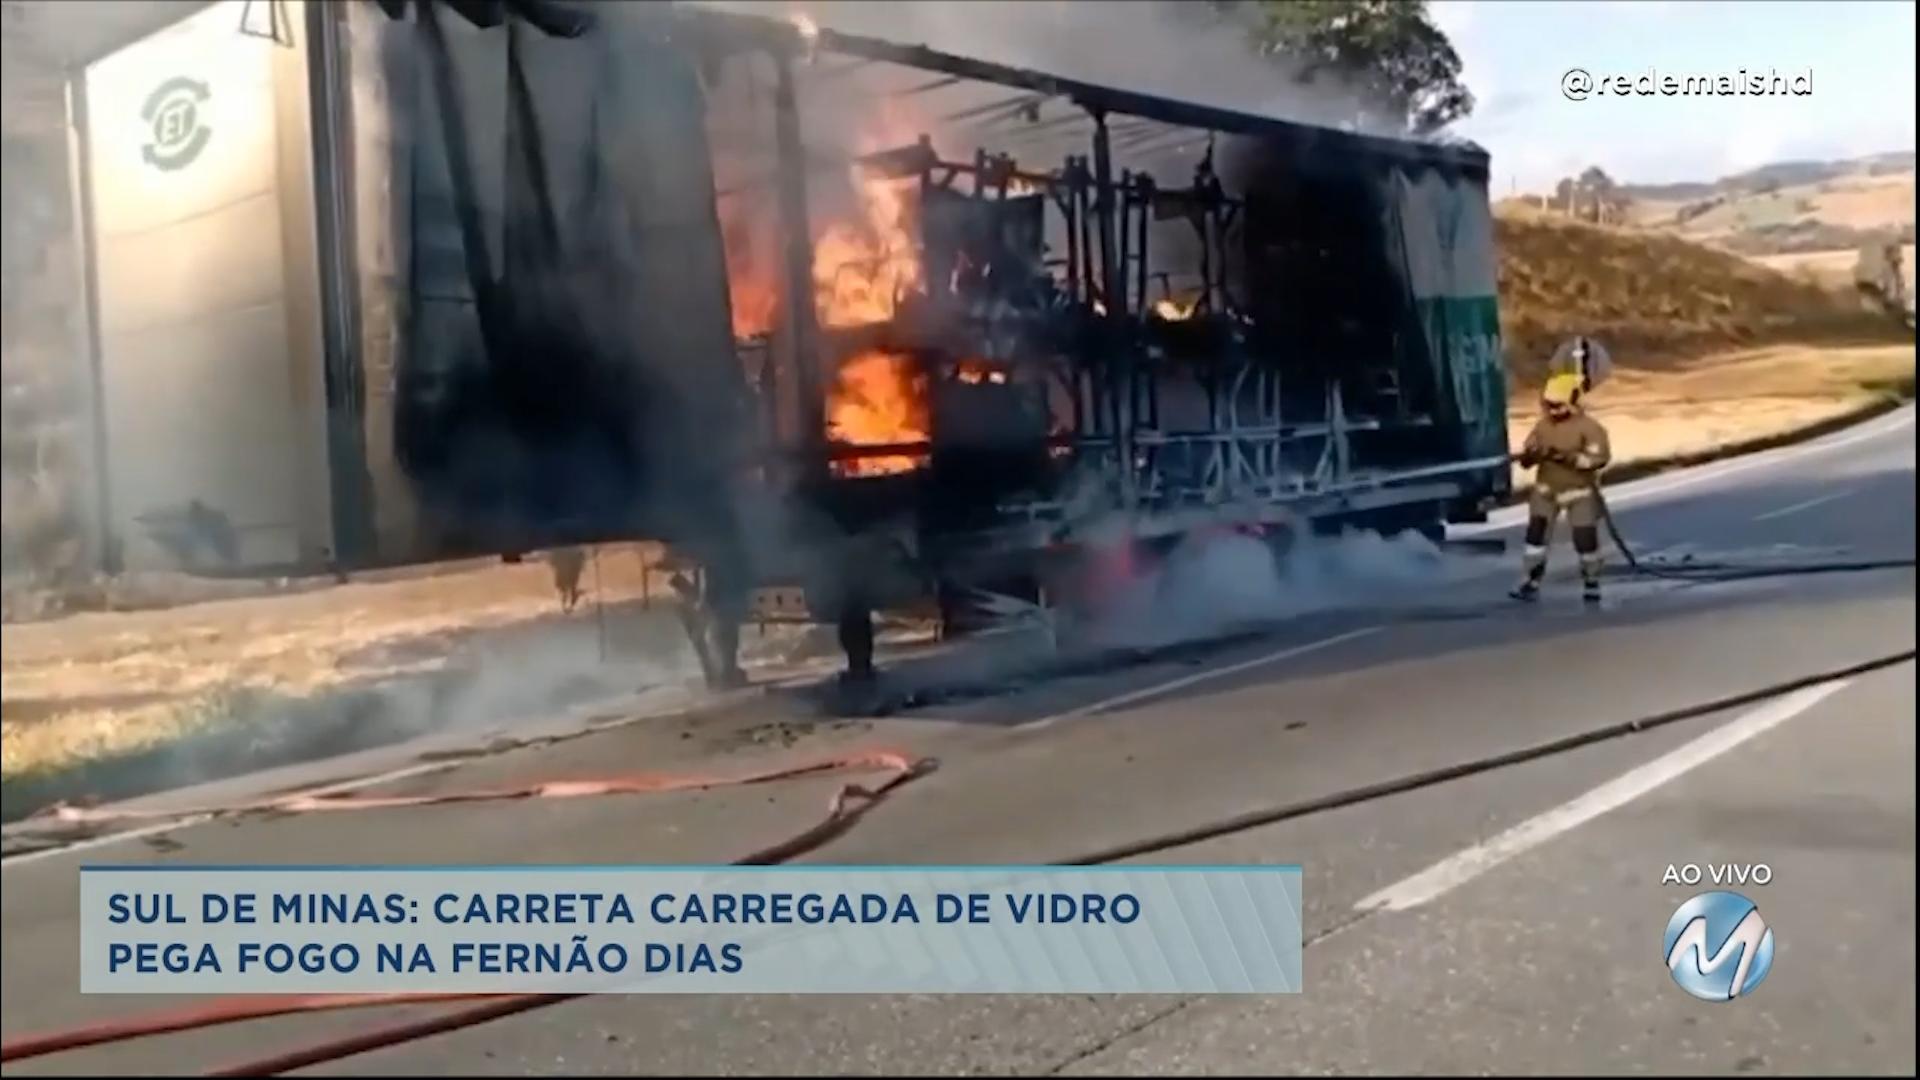 Carreta carregada de vidro pega fogo na Fernão Dias